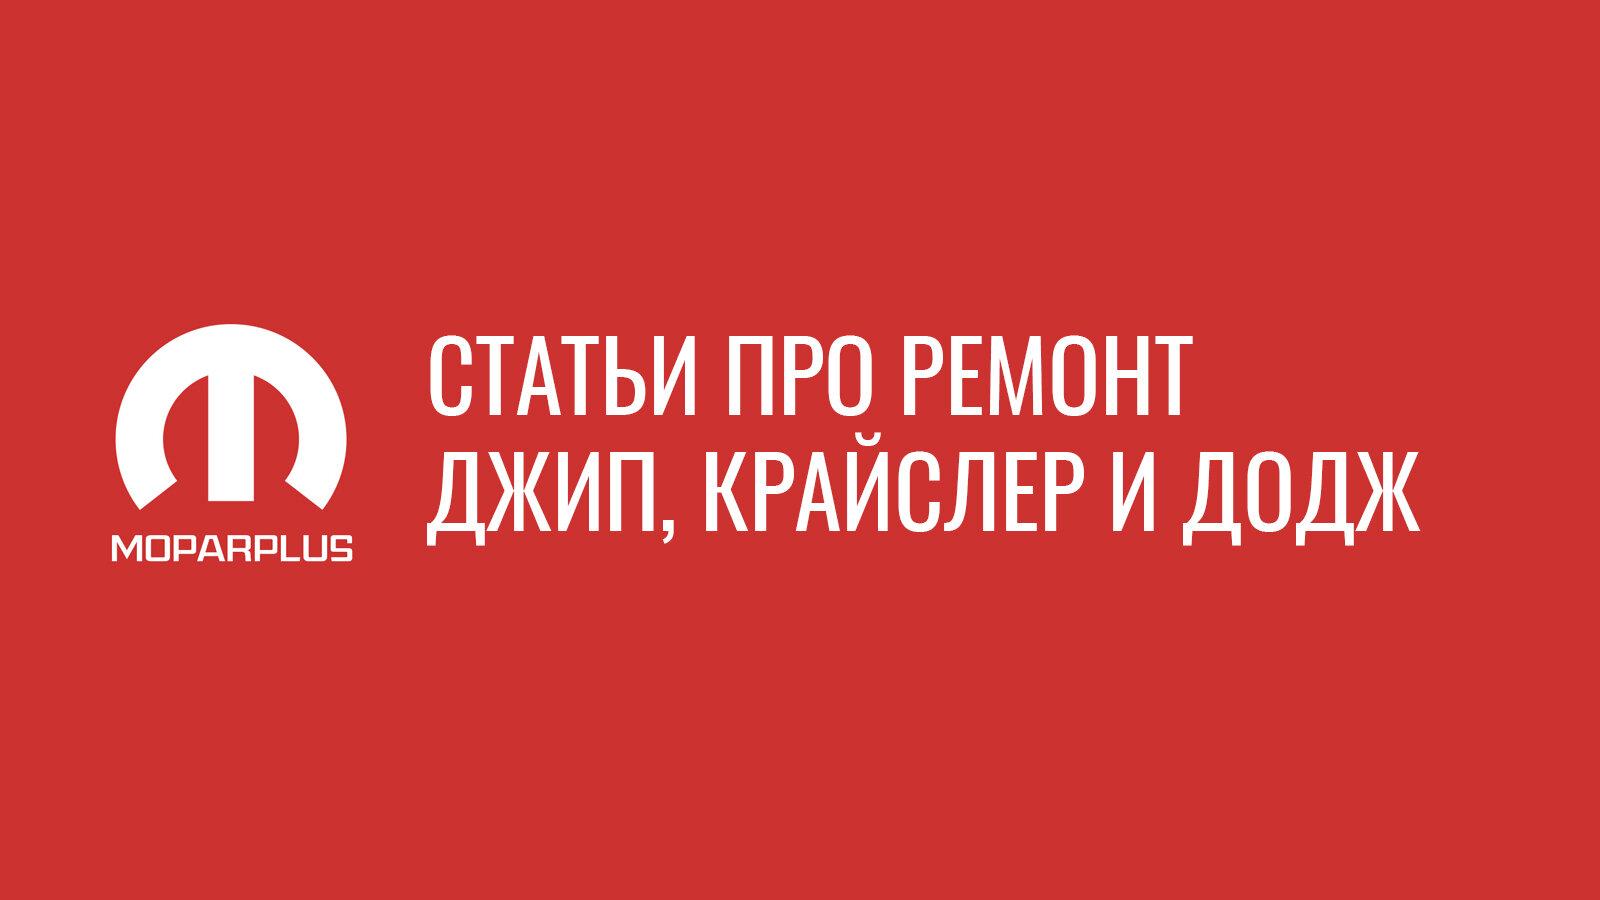 Cтатьи про ремонт. Выпуск №86.